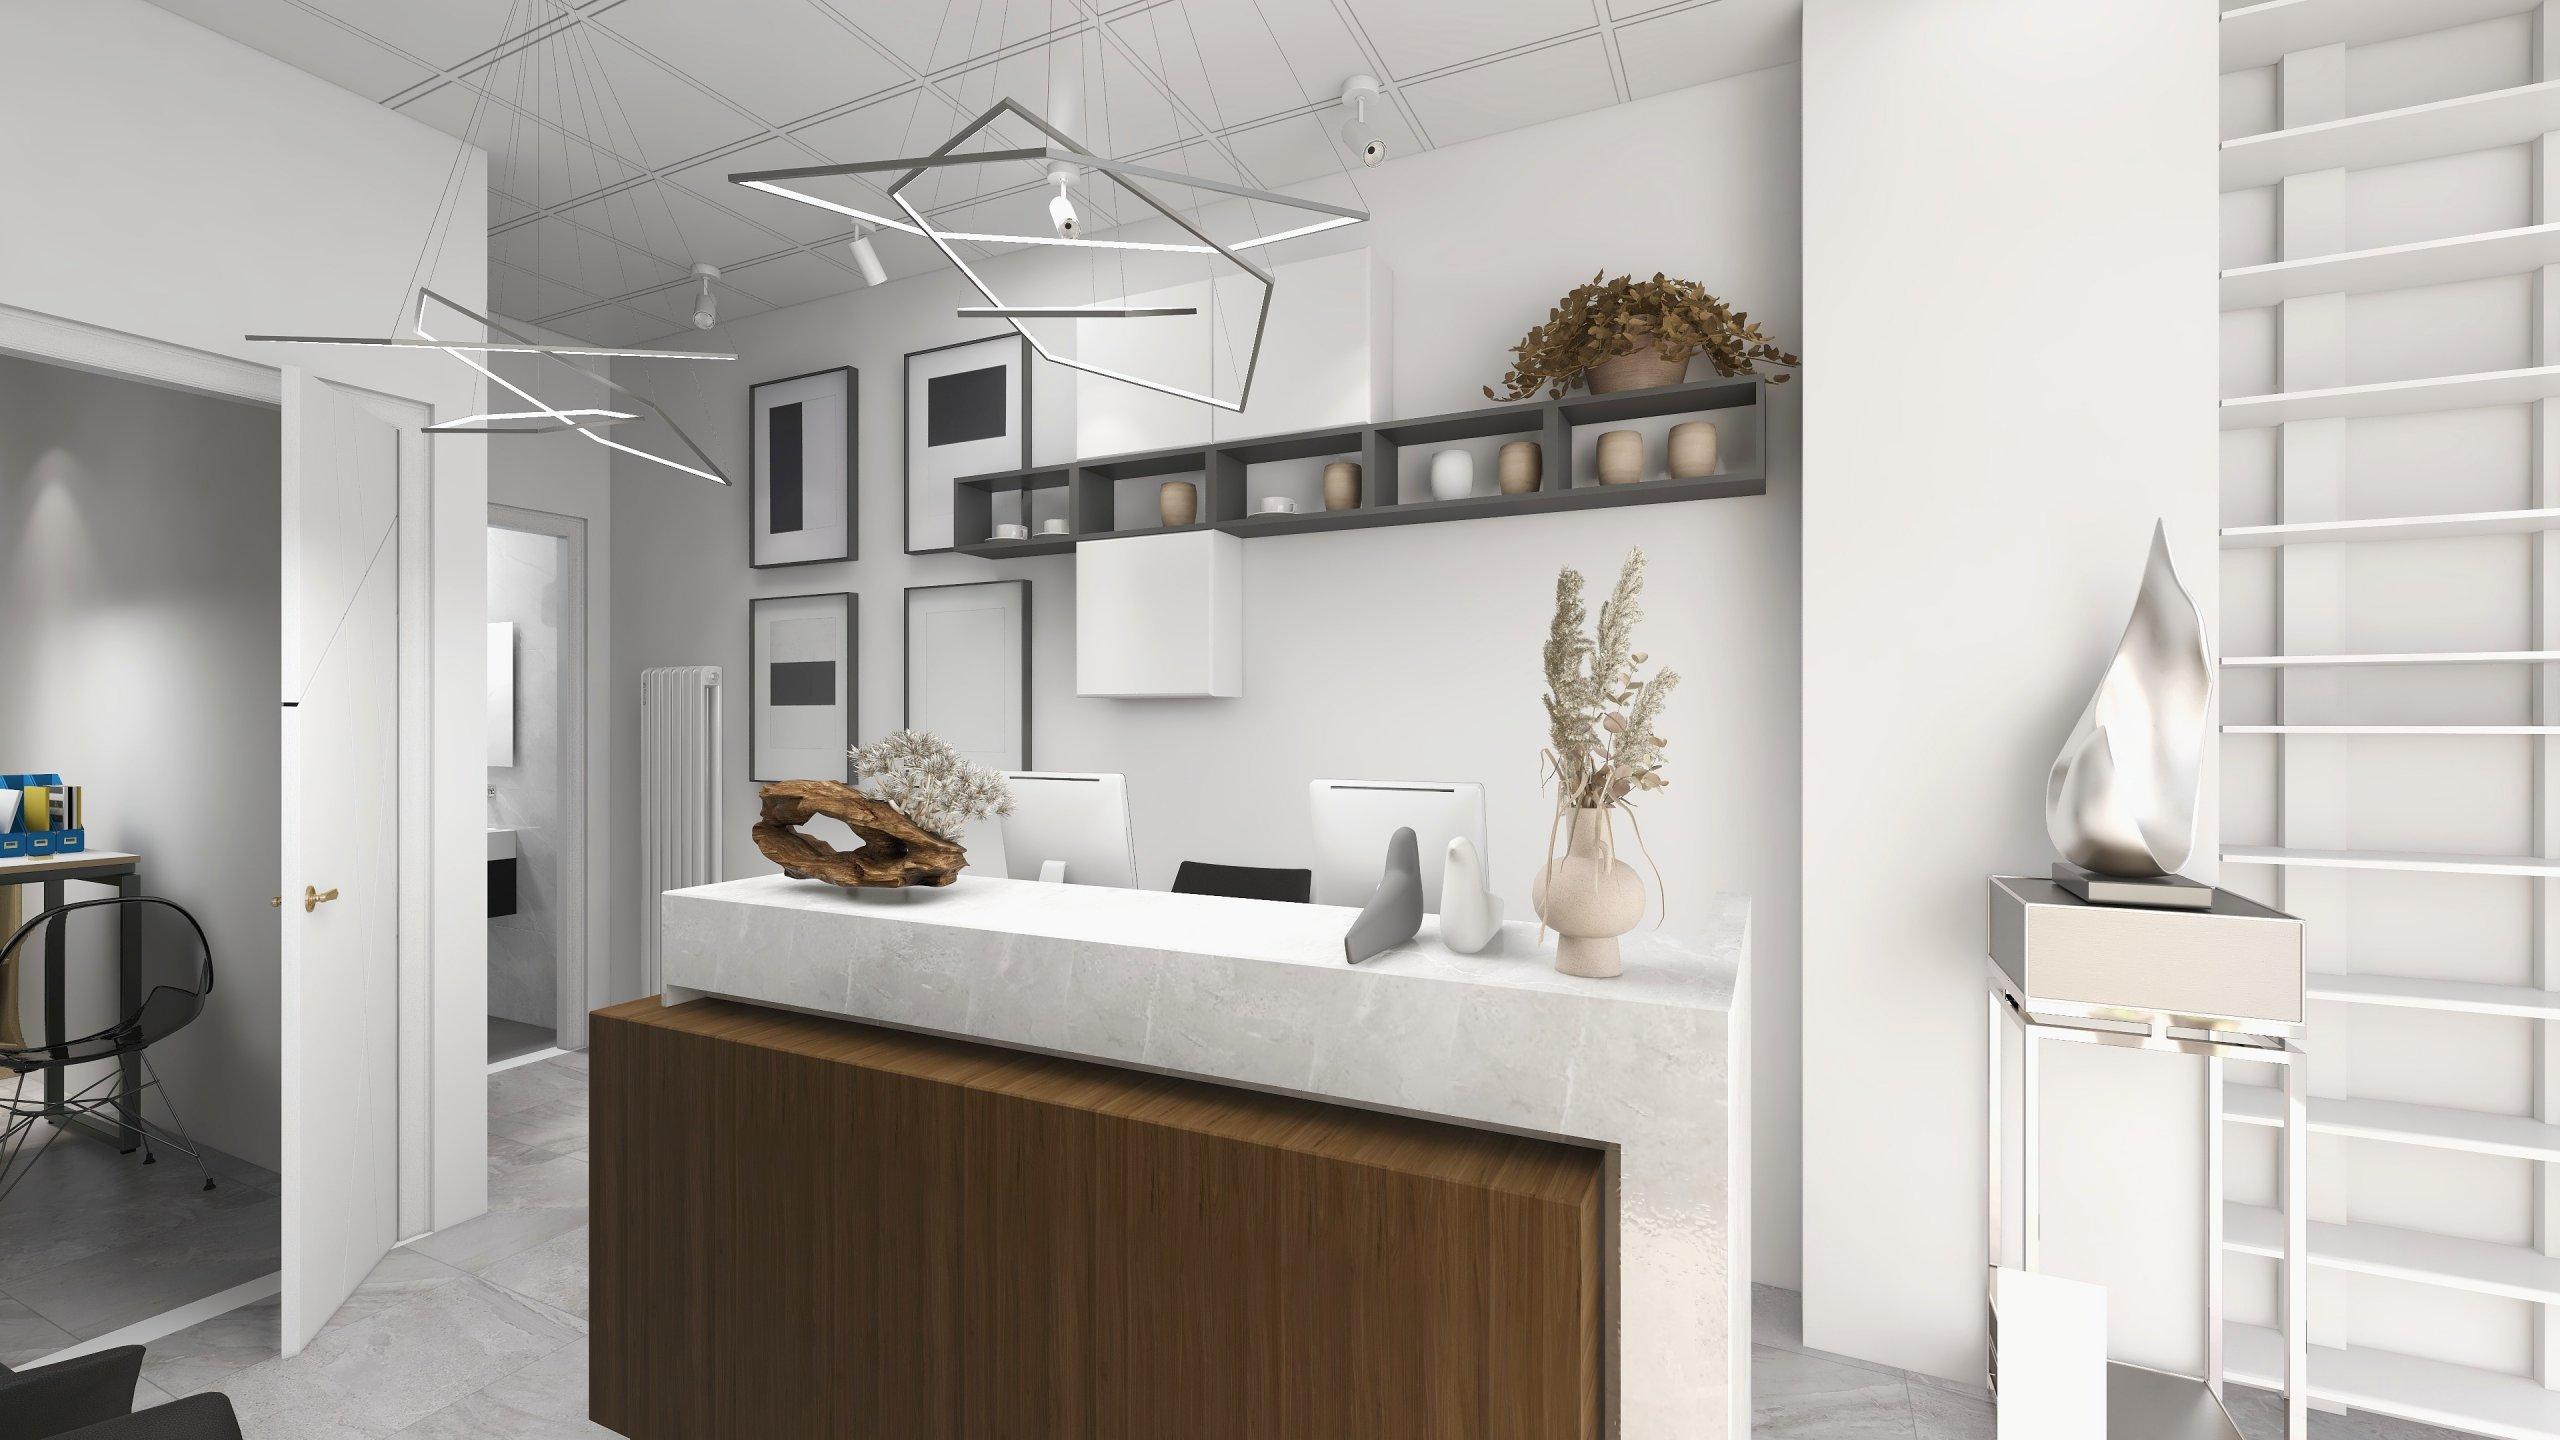 Receptie showroom aparatura medicala